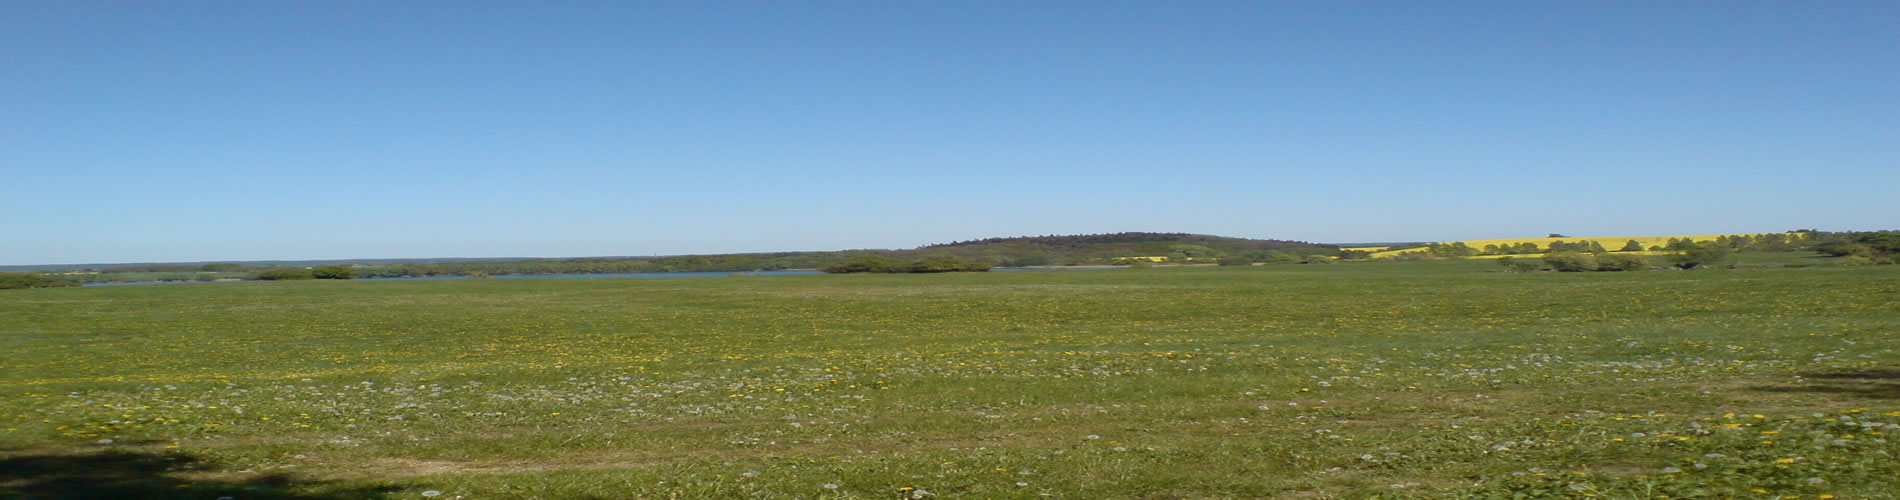 Uckermärkische Felder und Seen nahe dem Gäste- und Ferienhaus Uckermark